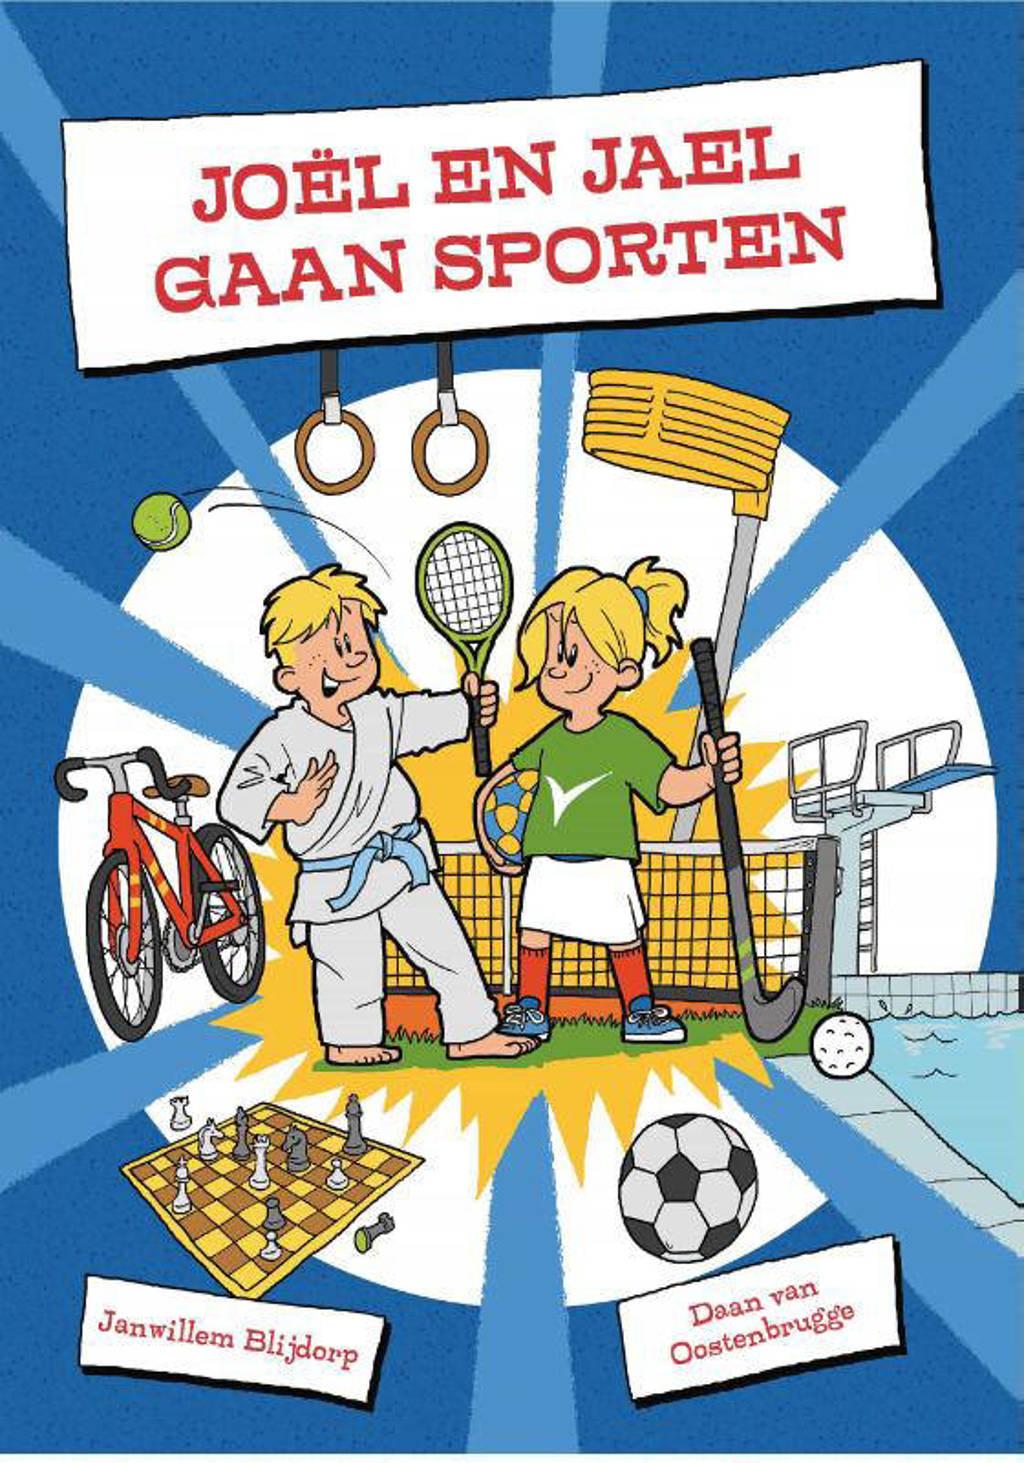 Joël en Jael gaan sporten - Janwillem Blijdorp